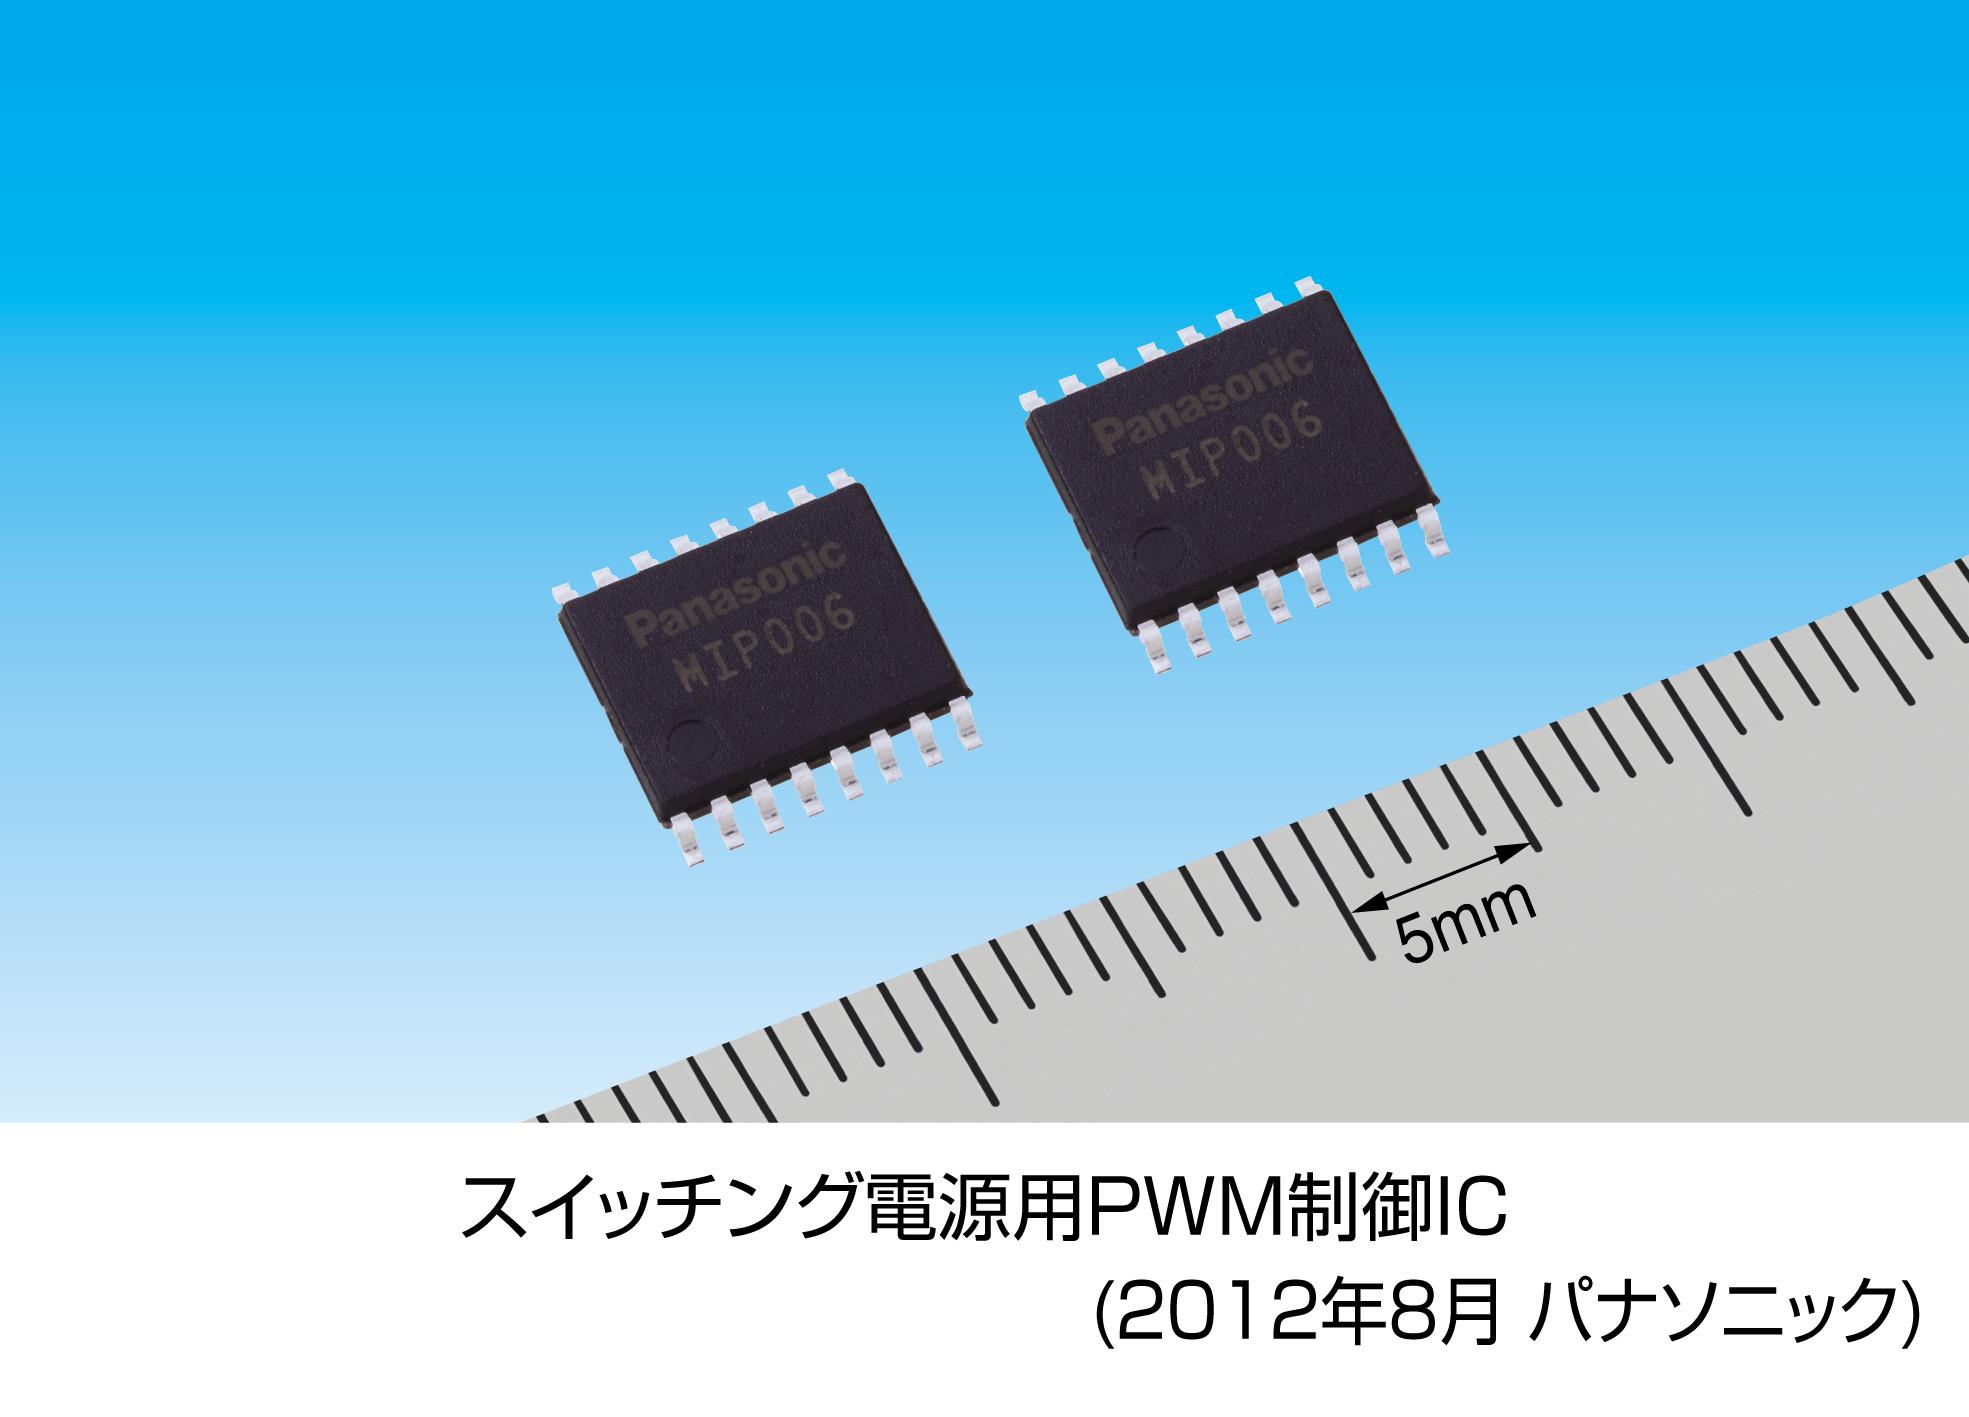 スイッチング電源用PWM制御IC